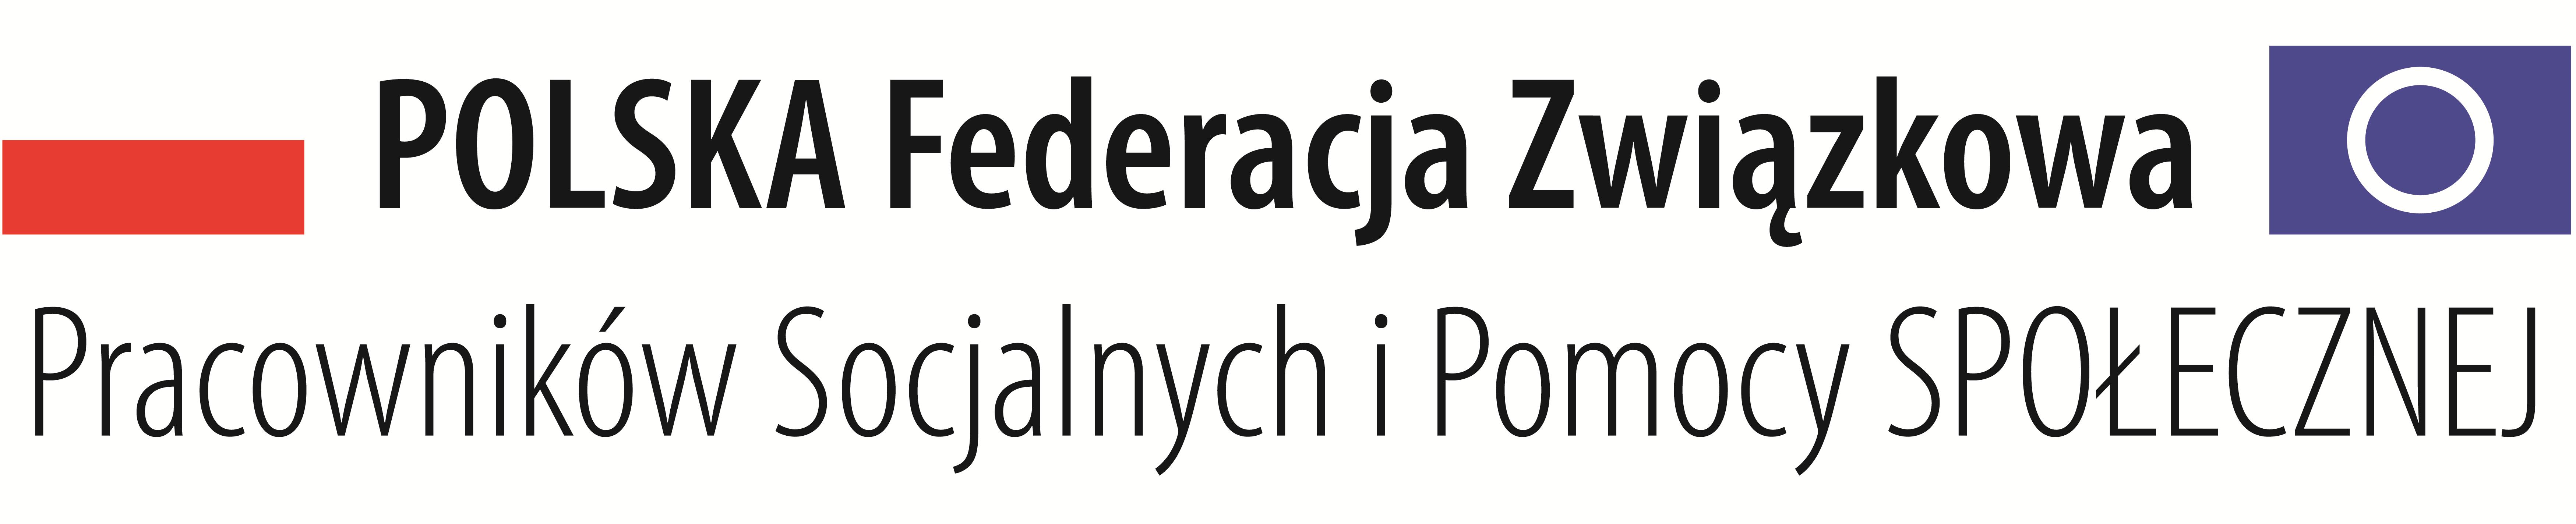 Polska Federacja